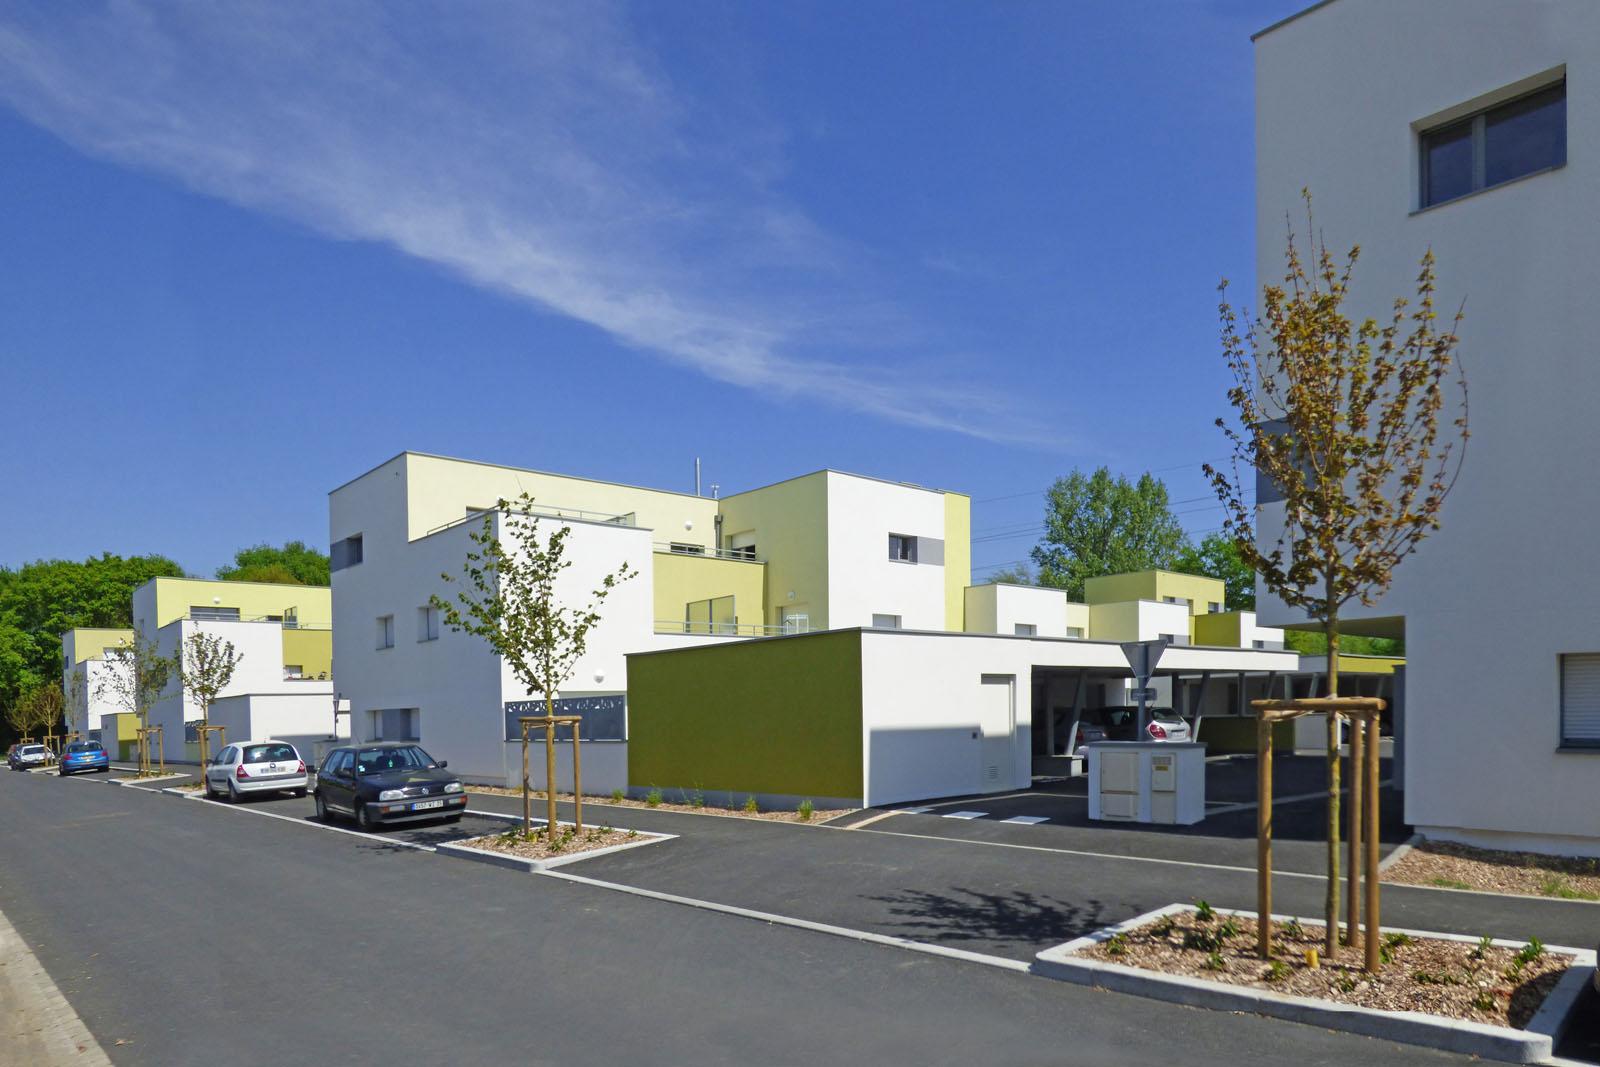 Logement collectif intermédiaire Iles Chausey Rennes